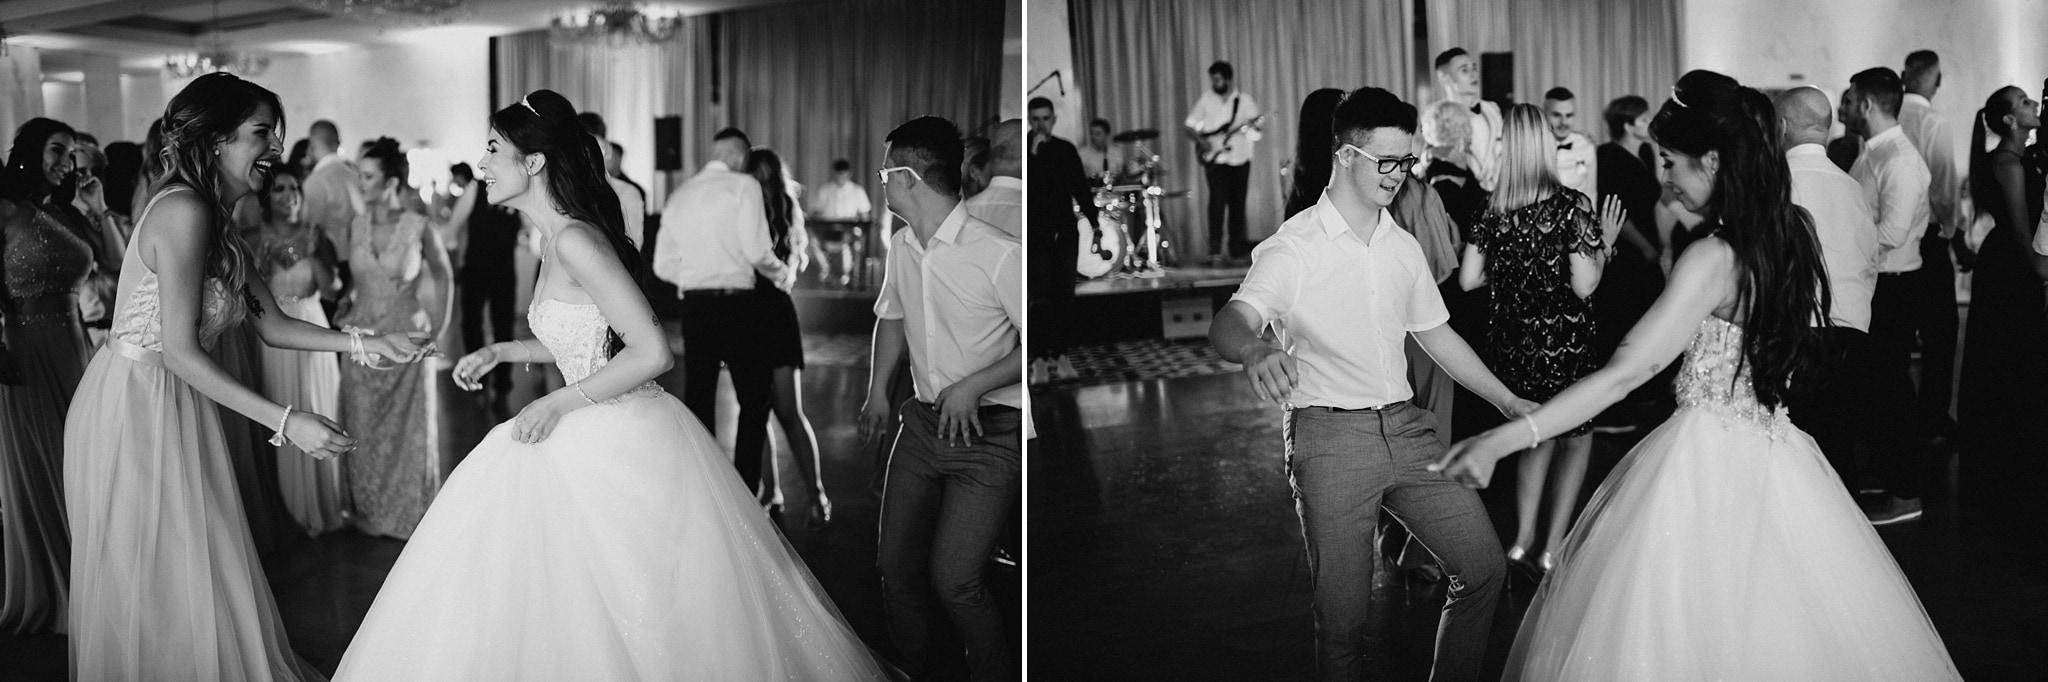 opatija wedding photographer abbazia ki 0078 - Hotel Royal Wedding Photographer Opatija